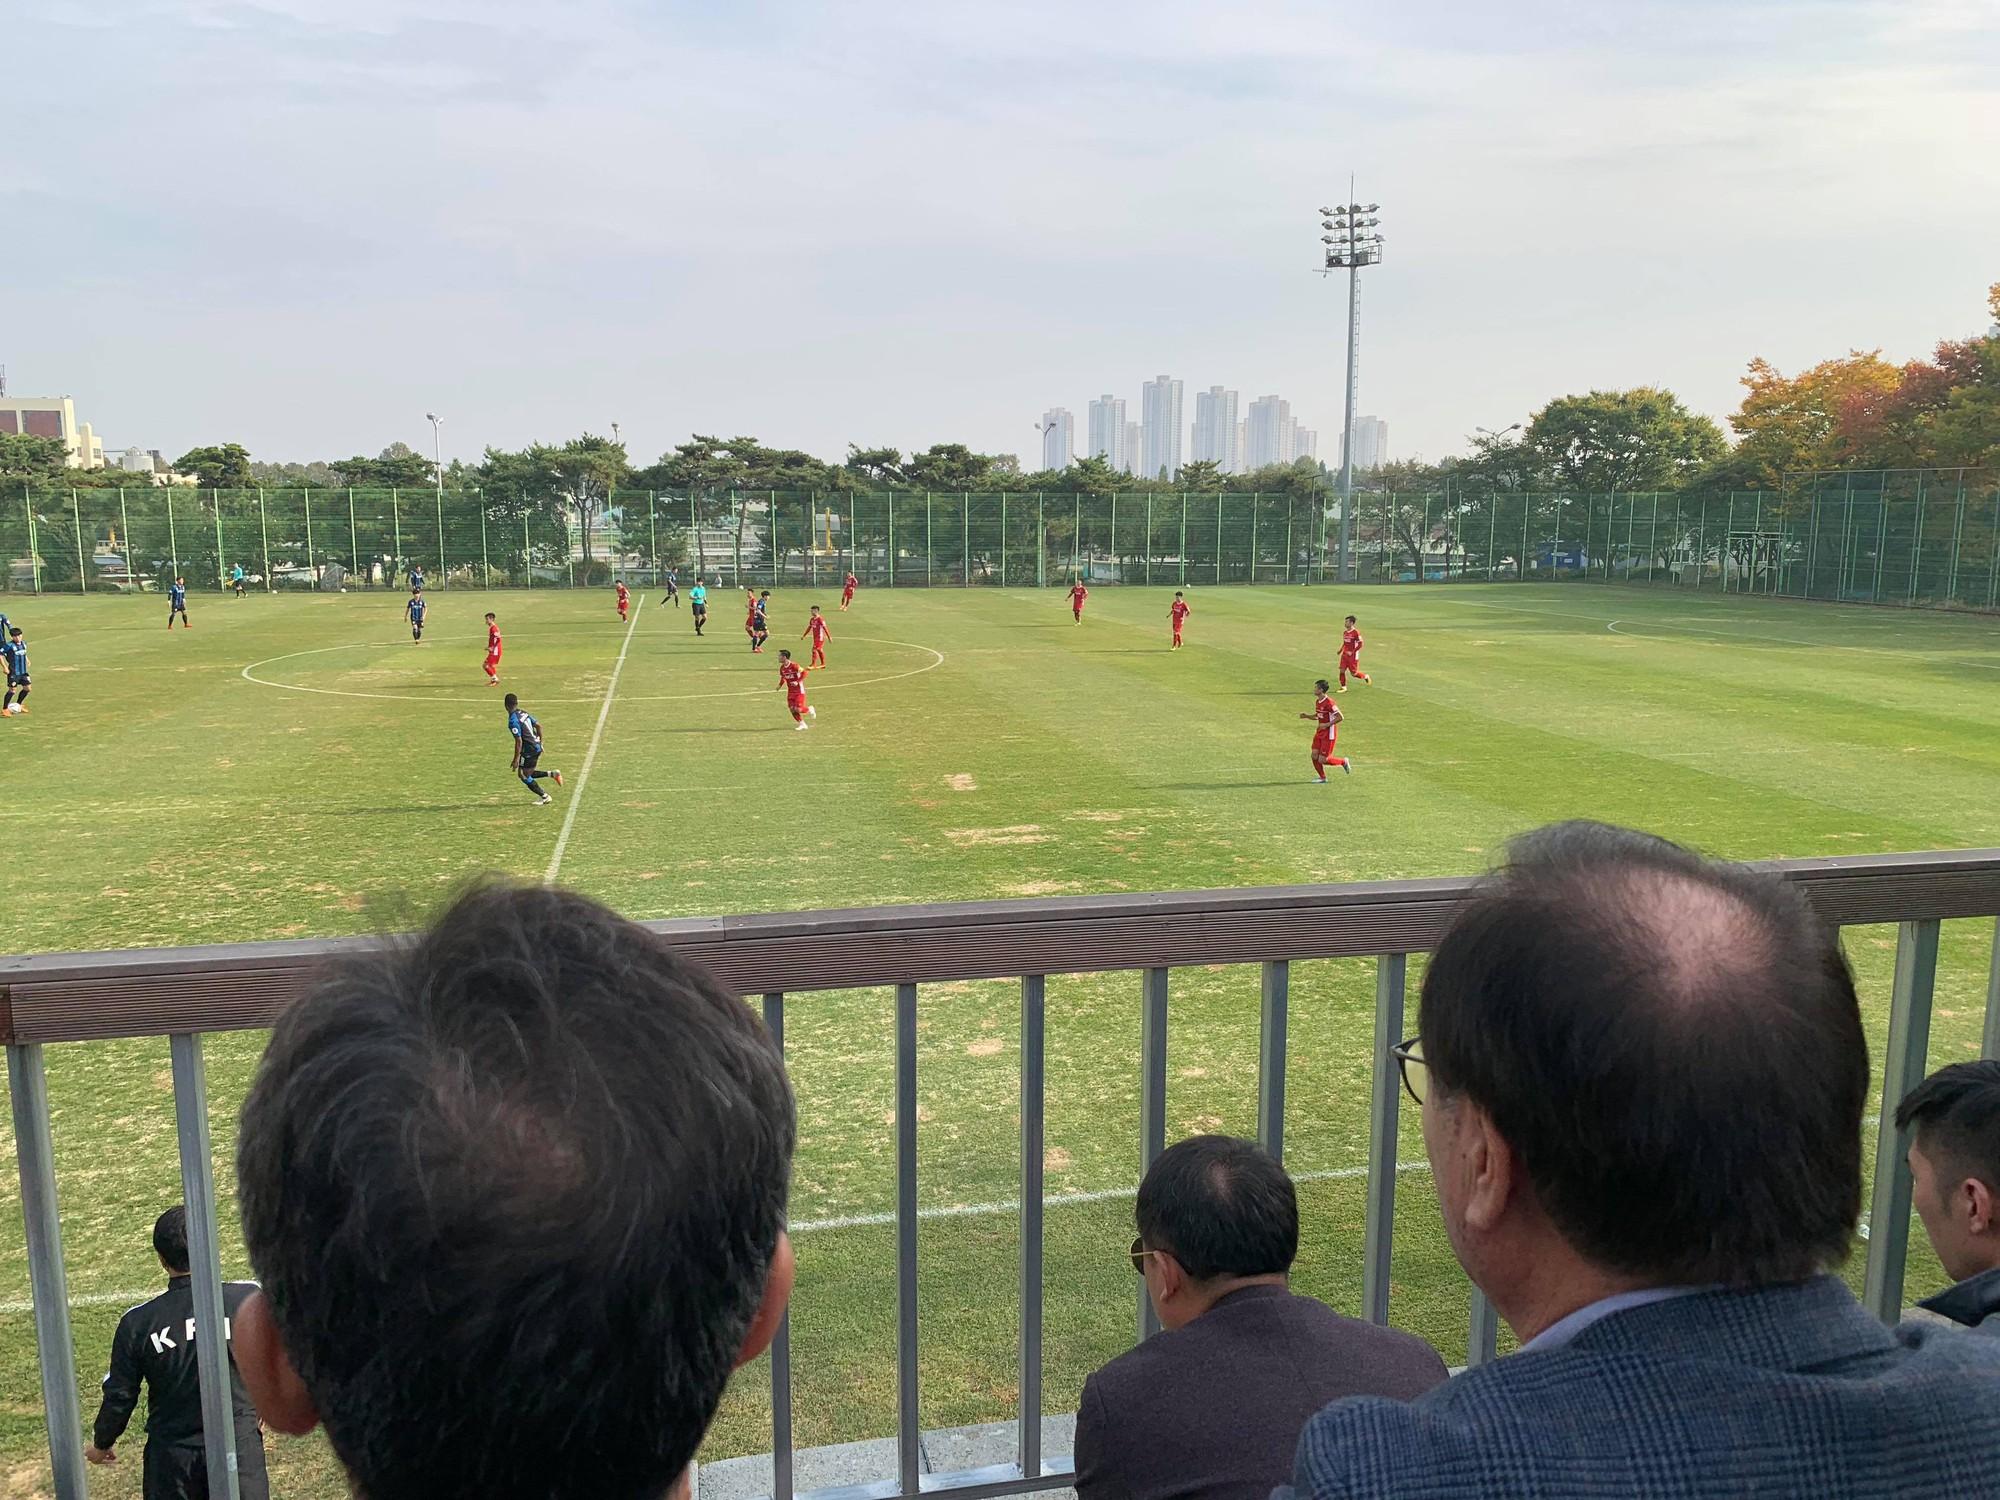 Thử nghiệm 2 đội hình, đội tuyển Việt Nam thua sát nút Incheon United tại Hàn Quốc - Ảnh 1.